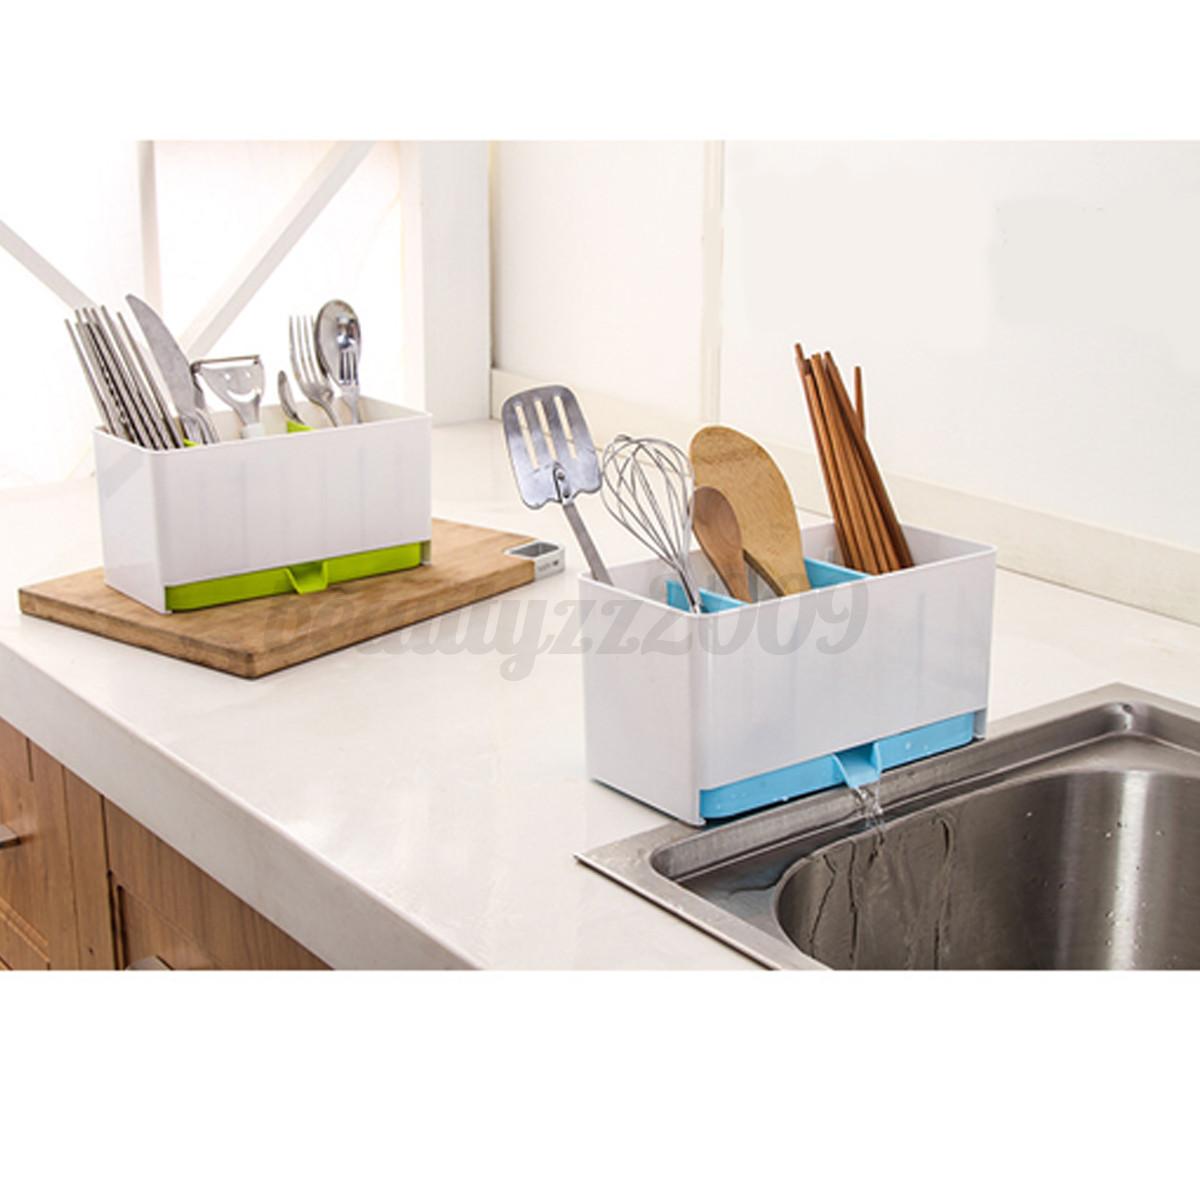 Kitchen Sink Storage: Kitchen Brush Sponge Organizer Storage Sink Towel Draining